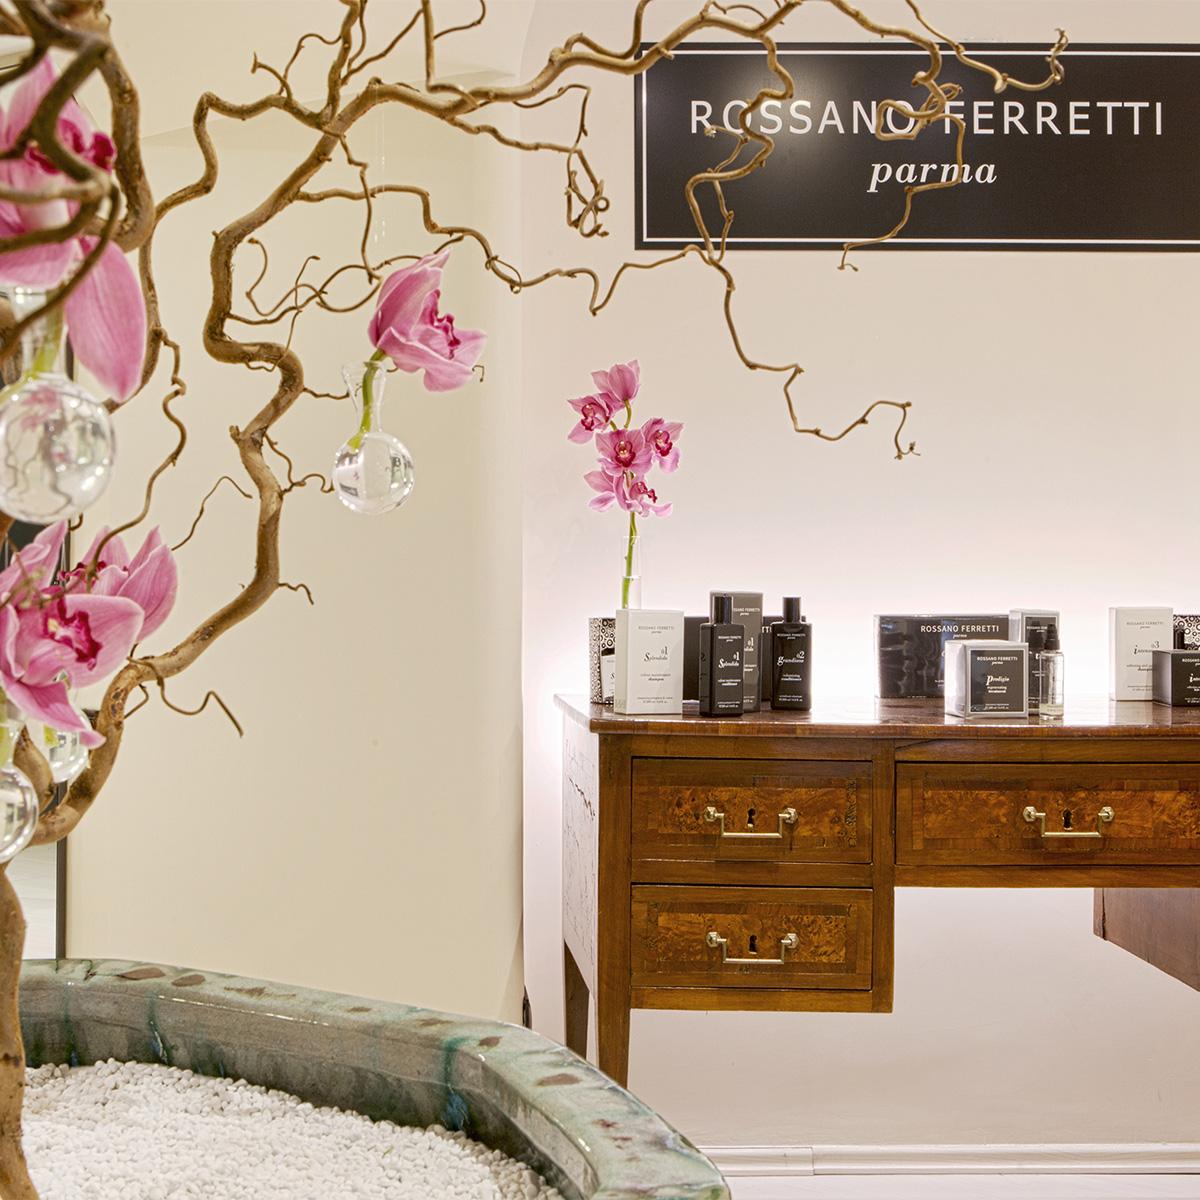 Rossano Ferretti Hair Spa